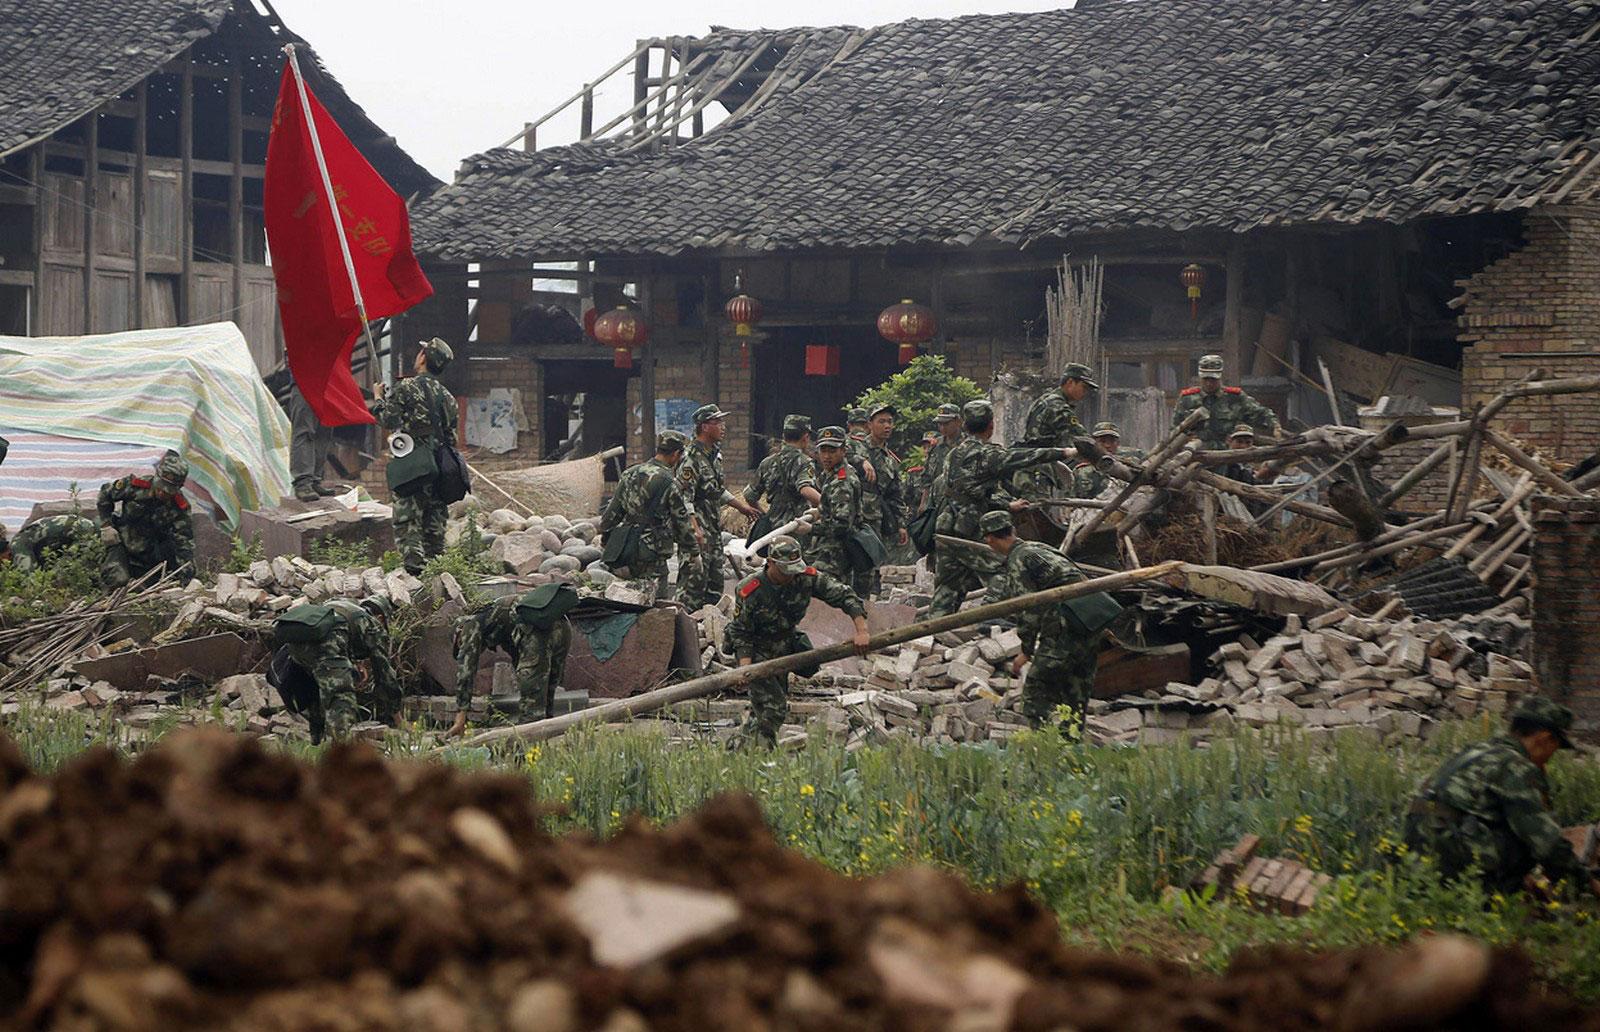 Спасатели ищут в развалинах здания пострадавших